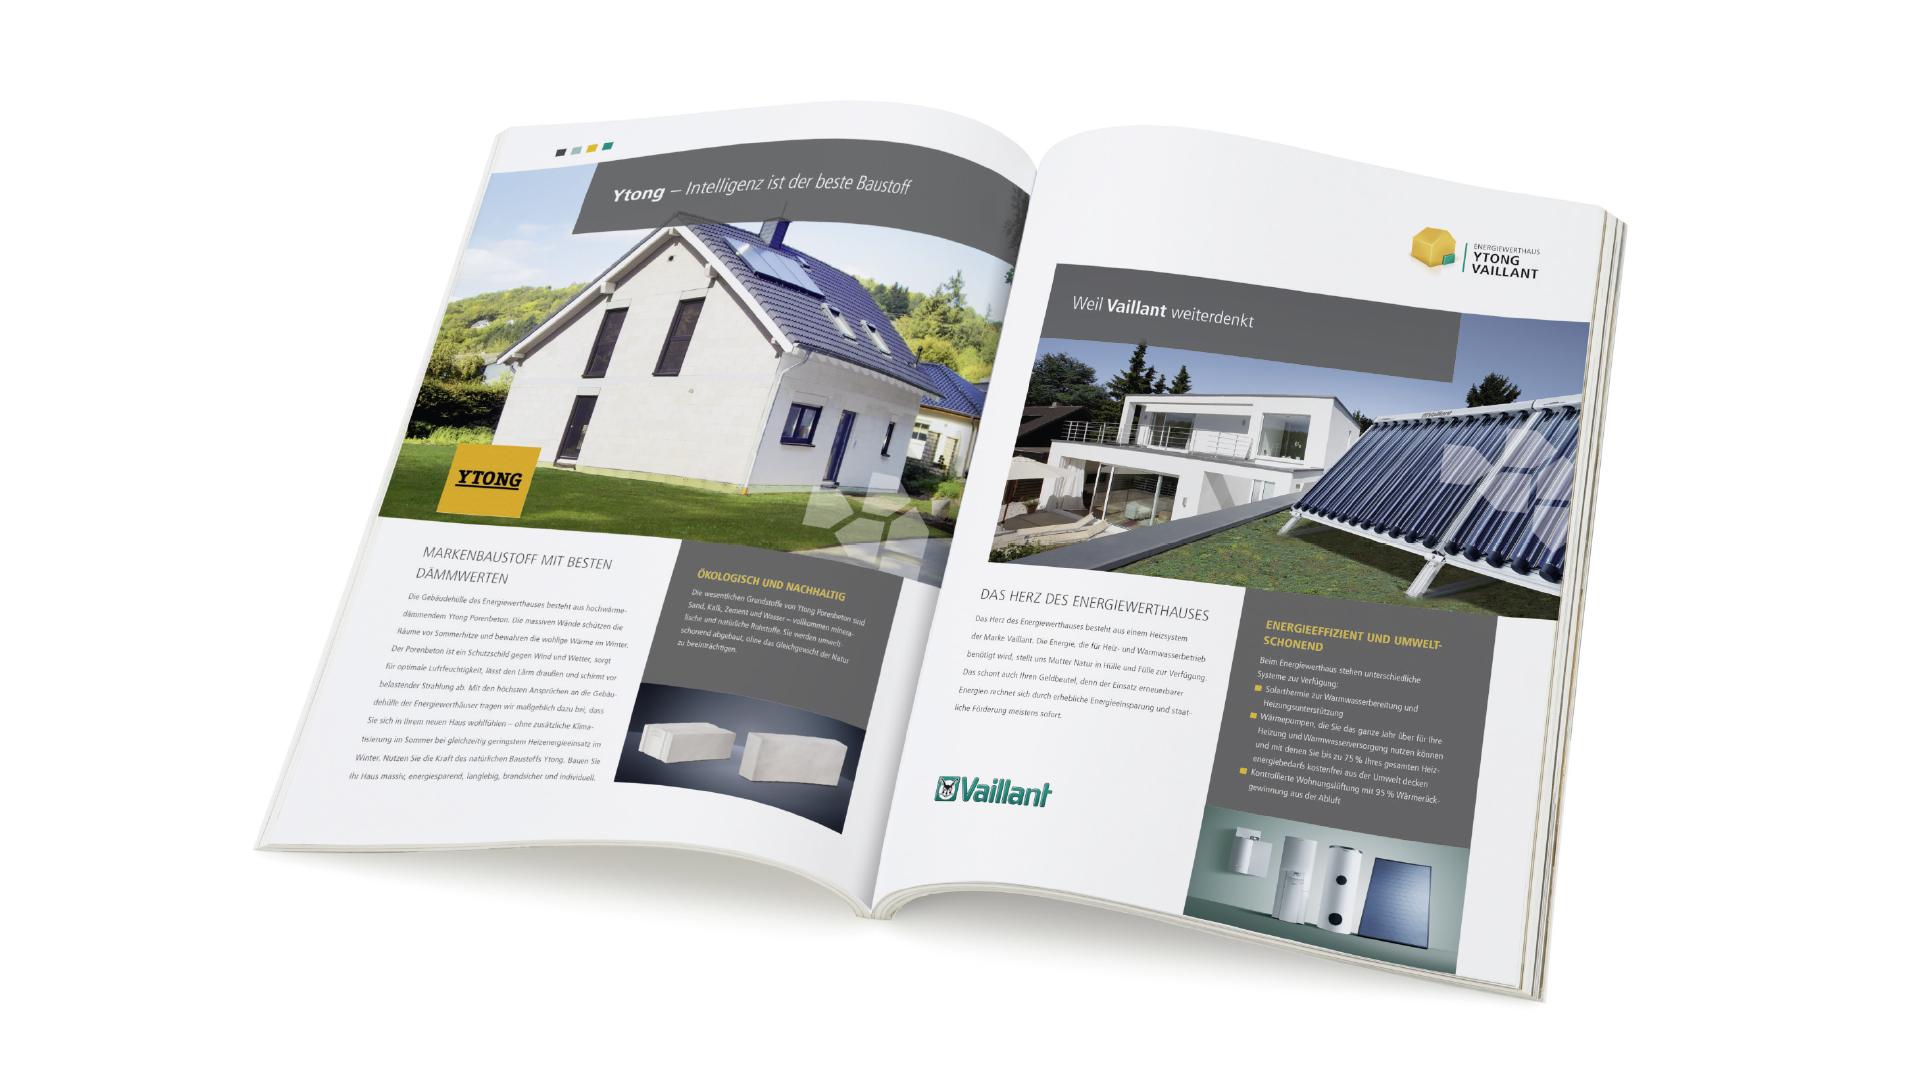 Energiewerthaus_Broschuere_02